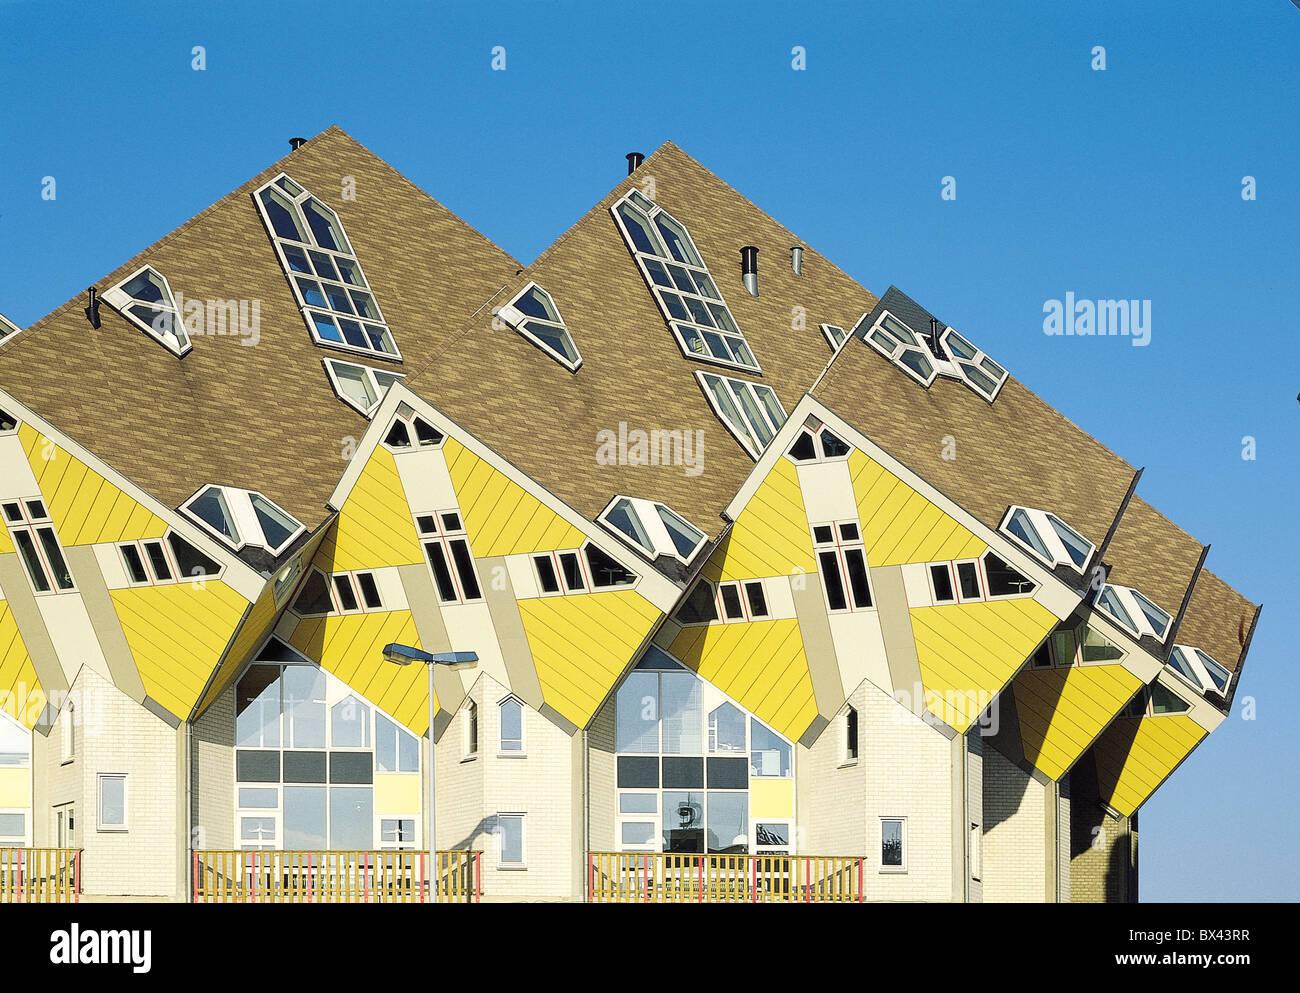 Amazing Architektur Moderne Häuser Gallery - Wohndesign Bilder und ...